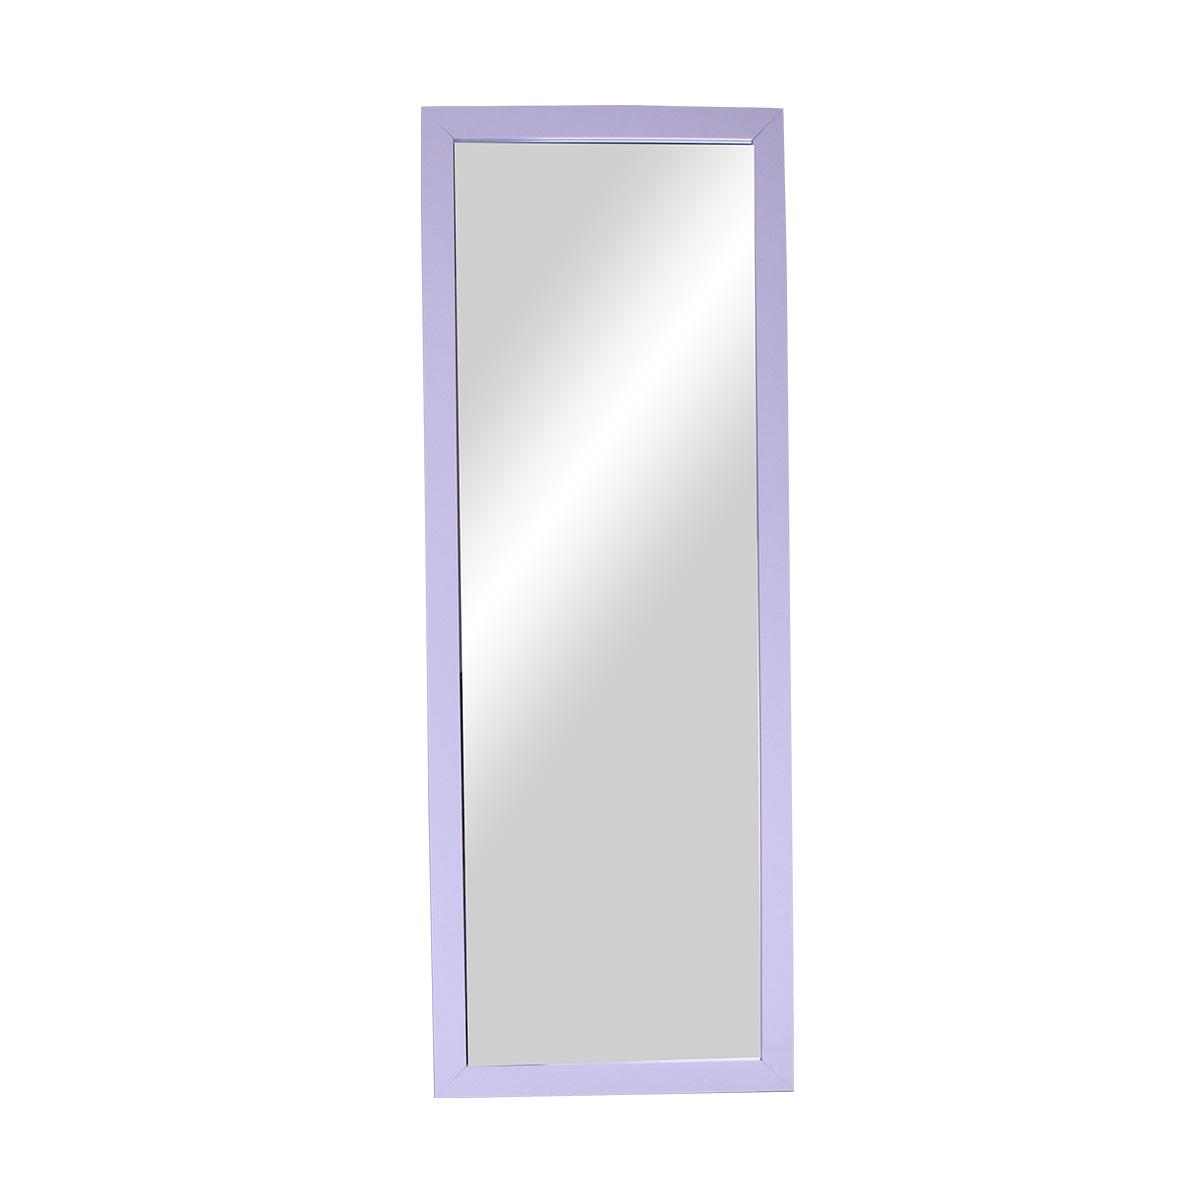 مرآة مستطيلة اطار خشبي - لون ابيض